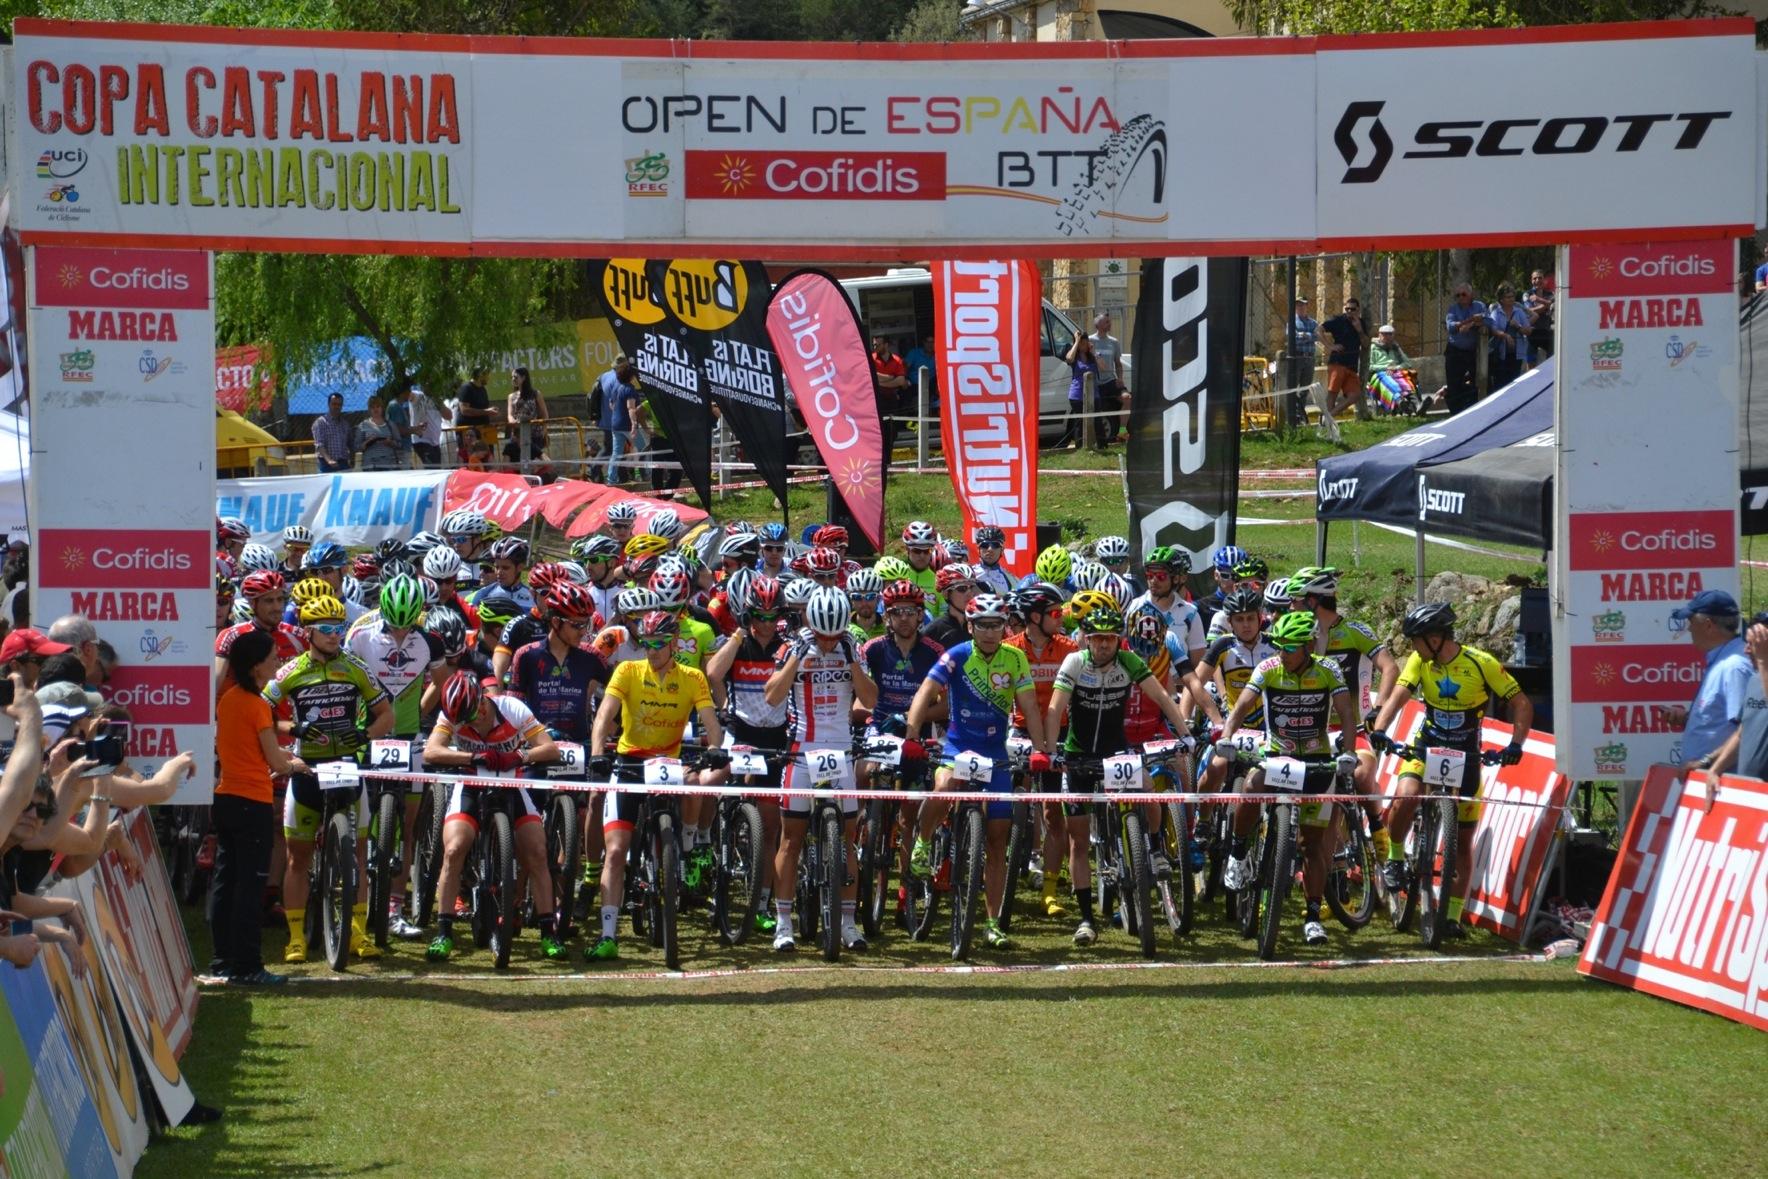 La Copa Catalana Internacional de BTT Biking Point pasa el ecuador del campeonato en la Vall de Lord de categor�a UCI C2 y Open de Espa�a XCO Cofidis